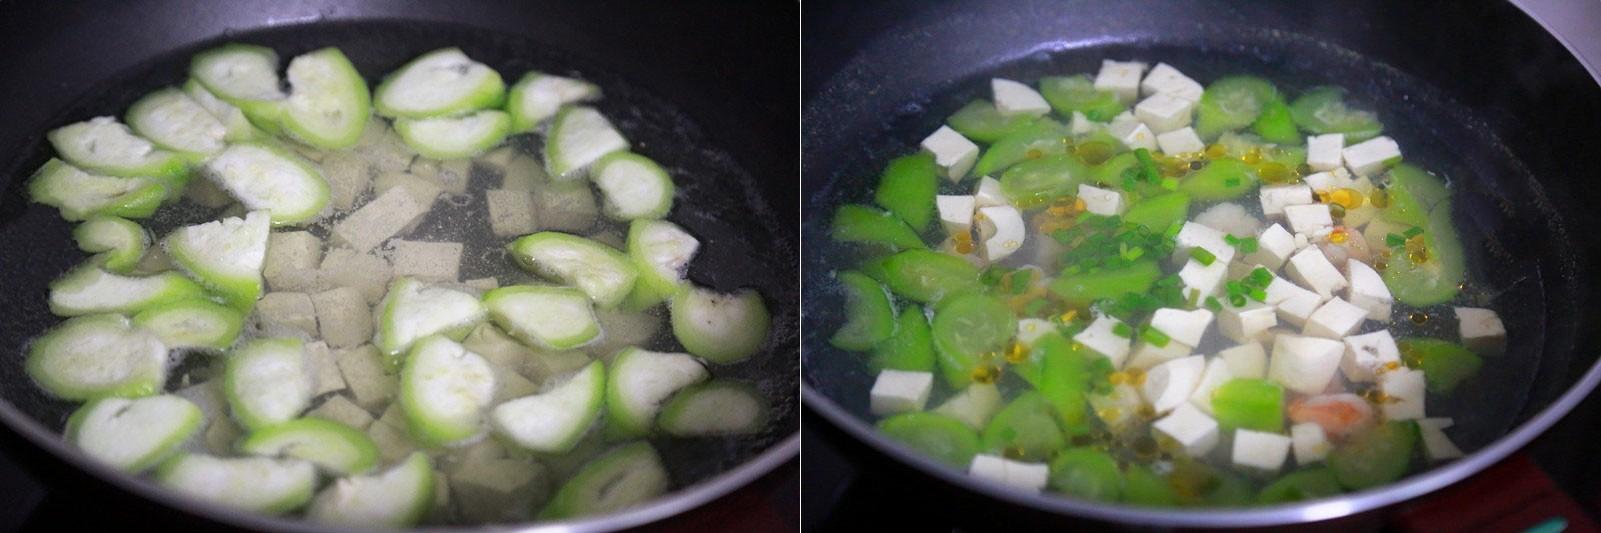 Canh mướp nấu tôm đậu phụ thanh mát ngày hè - Ảnh 4